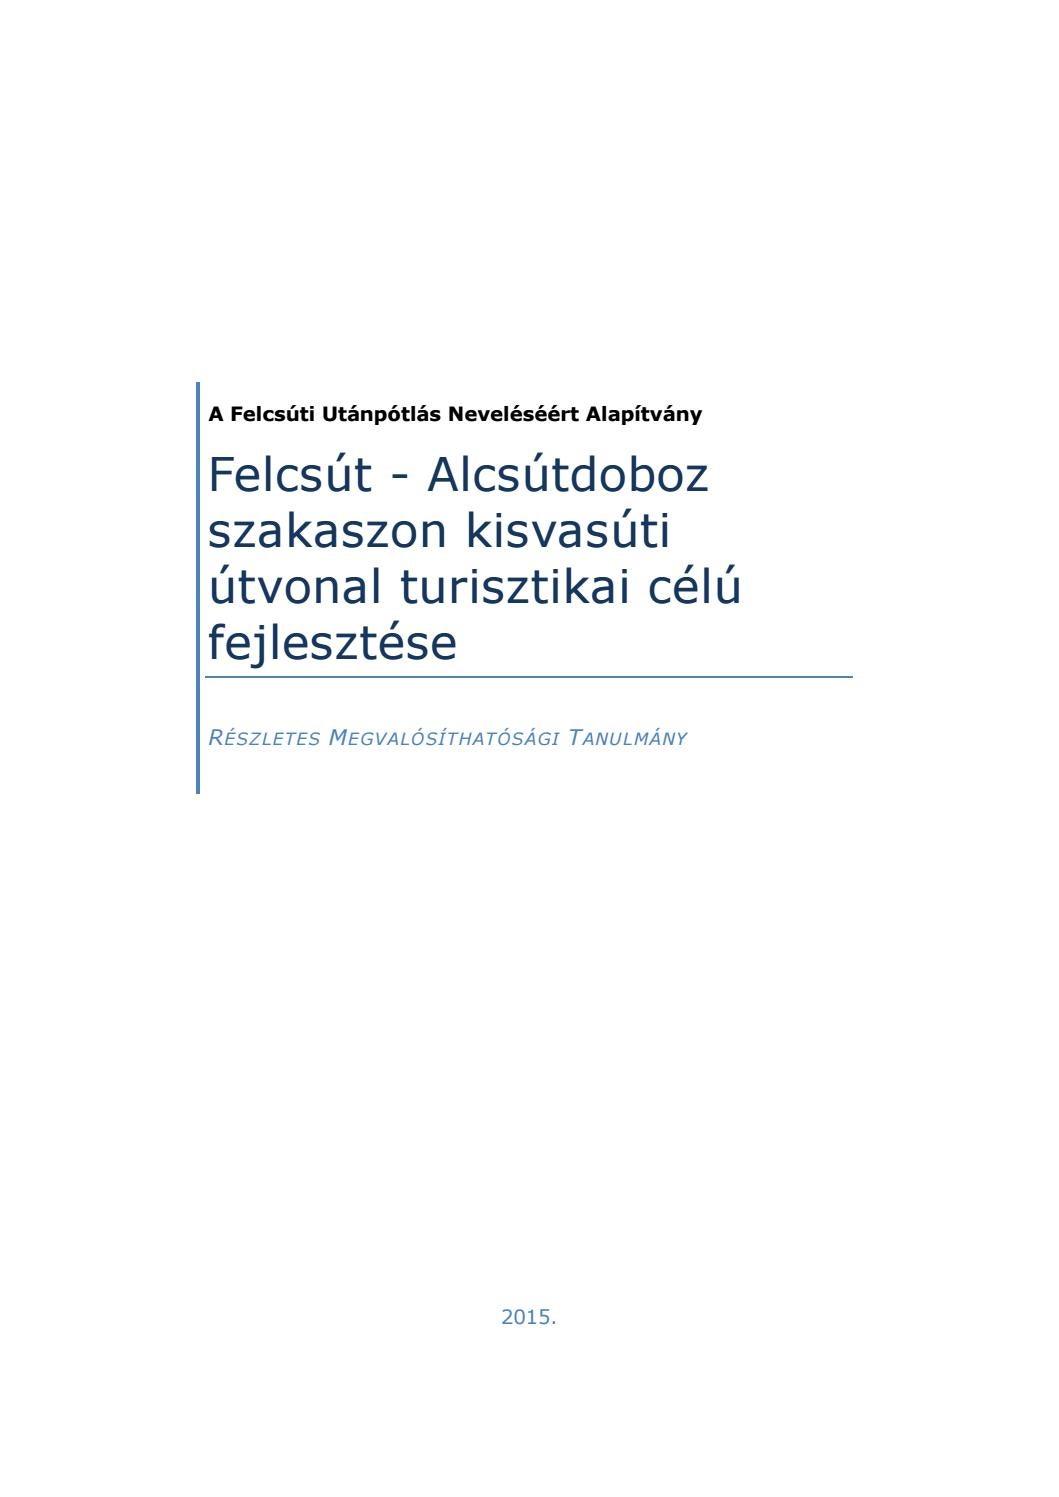 Közigazgatási hirdetmények